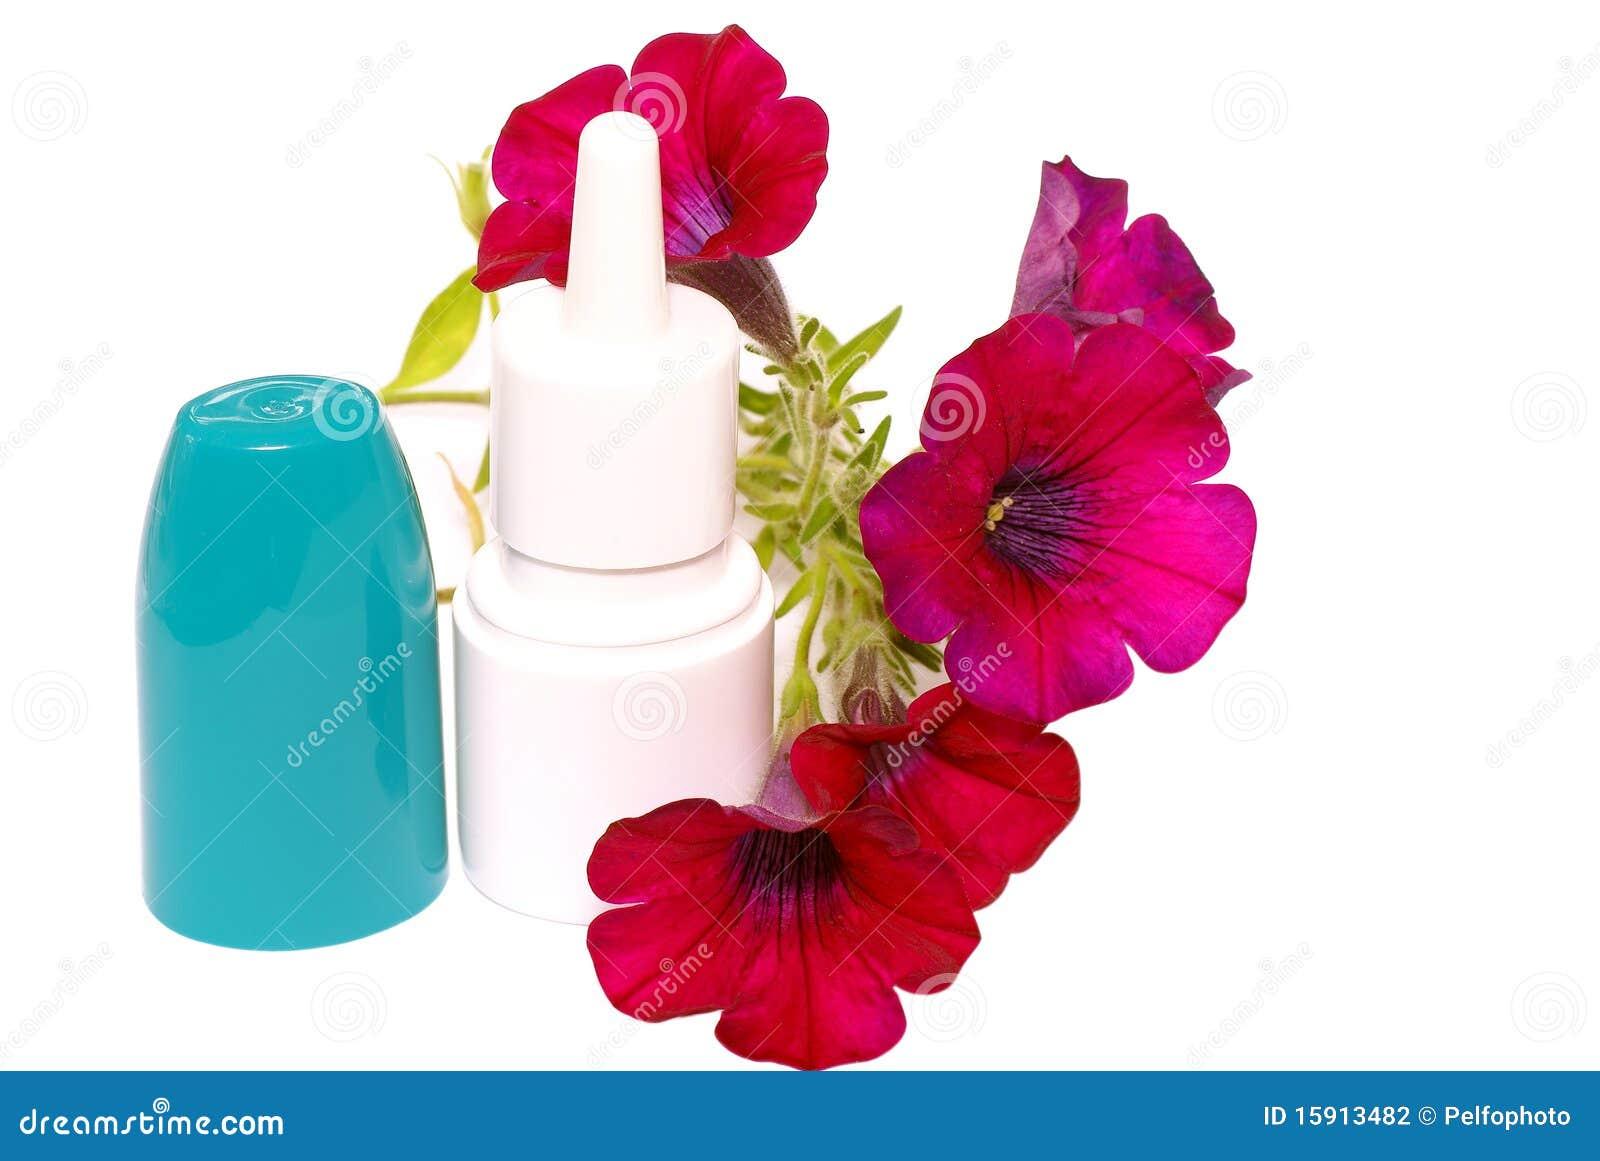 Gotas da Anti-alergia no nariz.